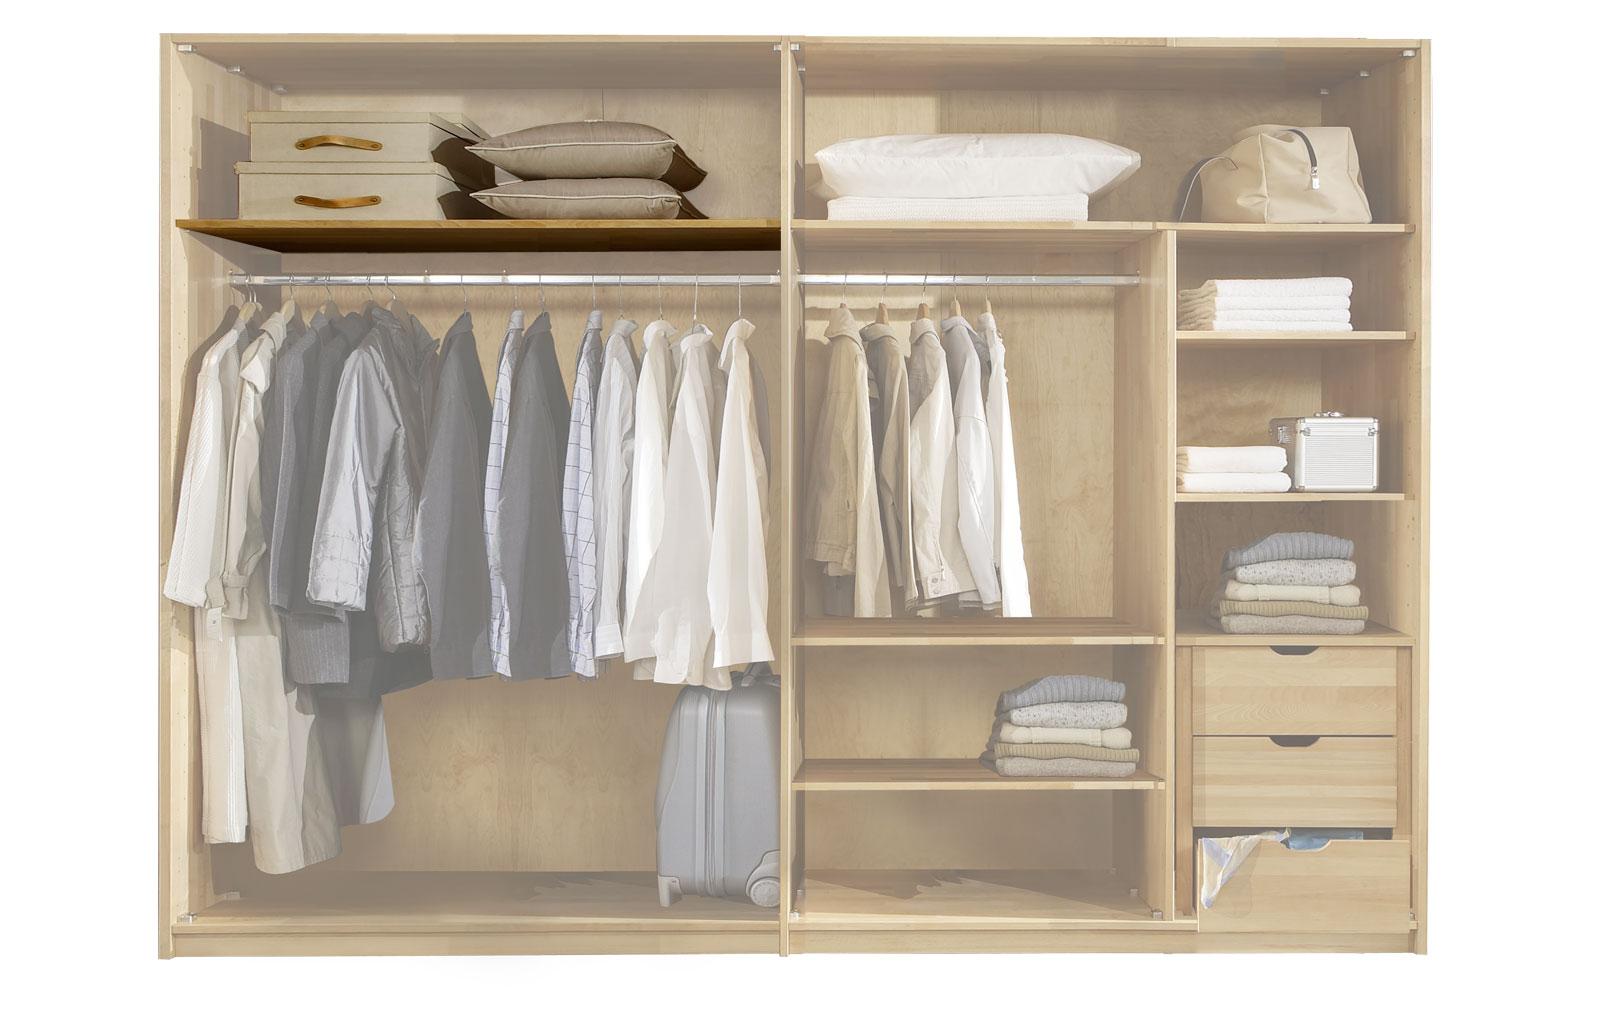 Einlegeboden mit 150cm Breite für 300cm breiten Kleiderschrank